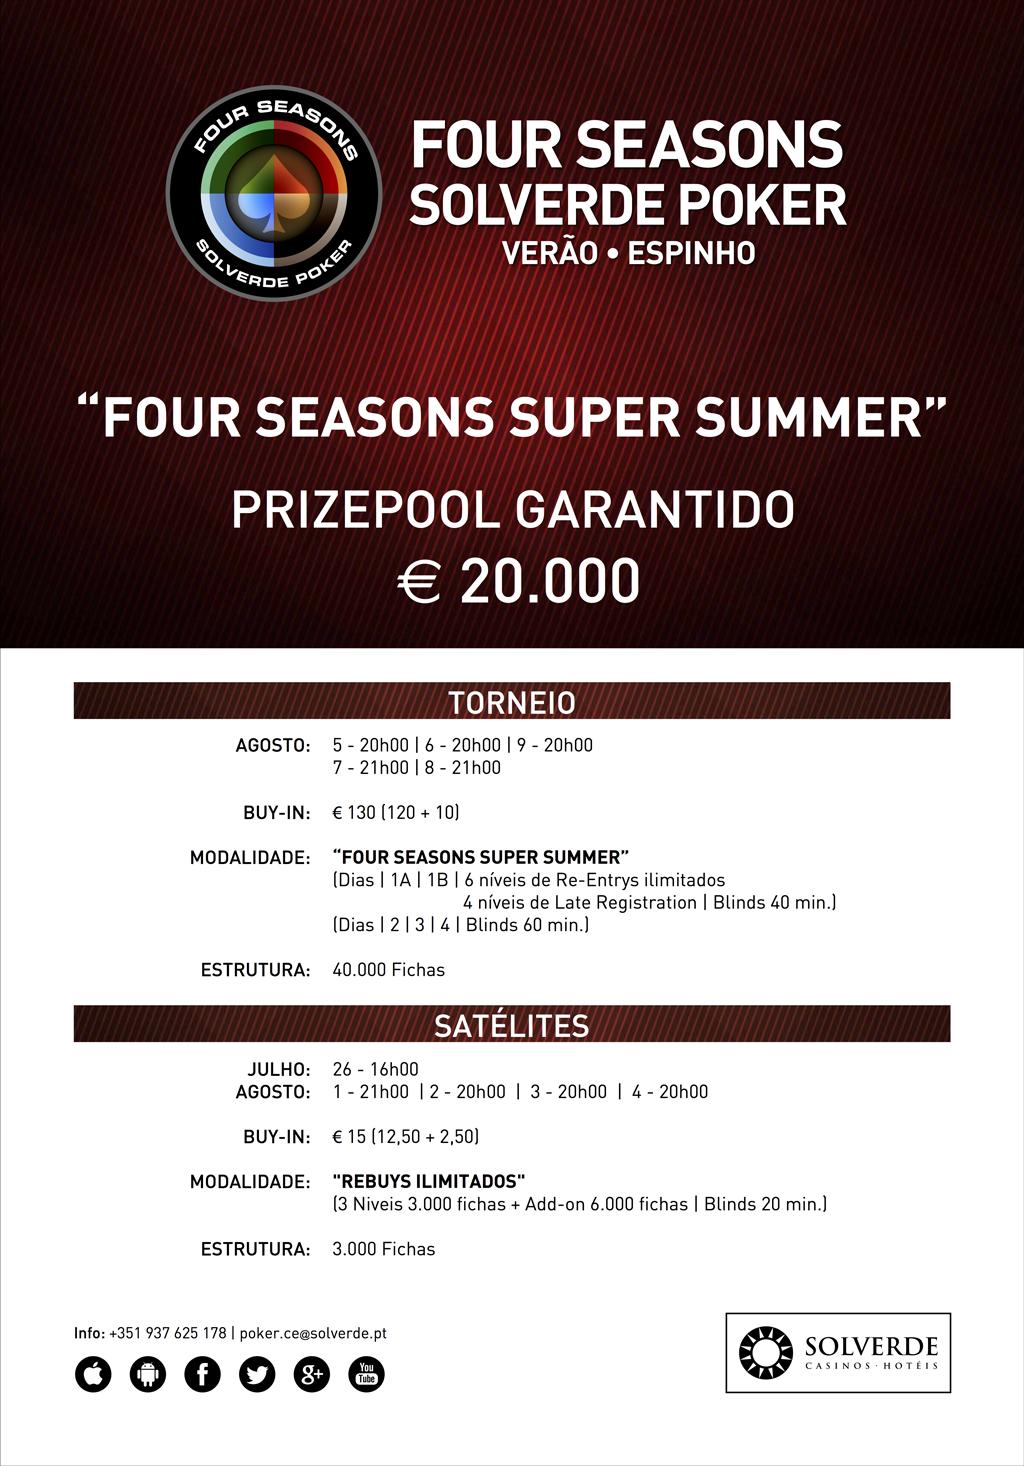 Hoje às 20:00 Dia 1A do Four Seasons Super Summer €20,000 Garantidos no Casino de Espinho 101